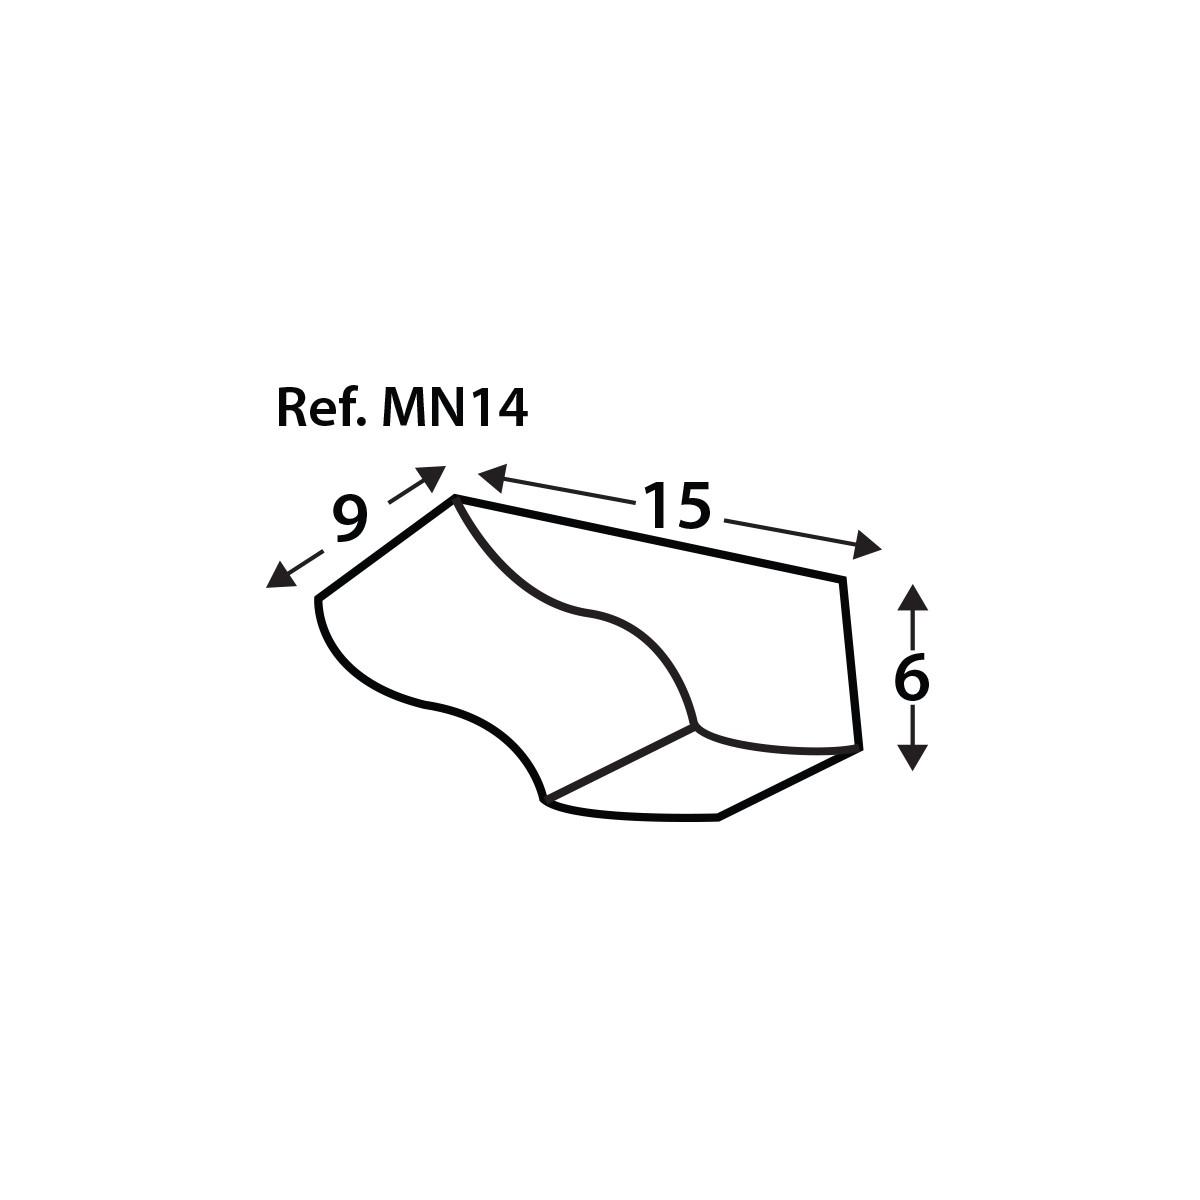 Ménsula MN14 - Ménsulas imitación madera de poliuretano - Marca Grupo Unamacor